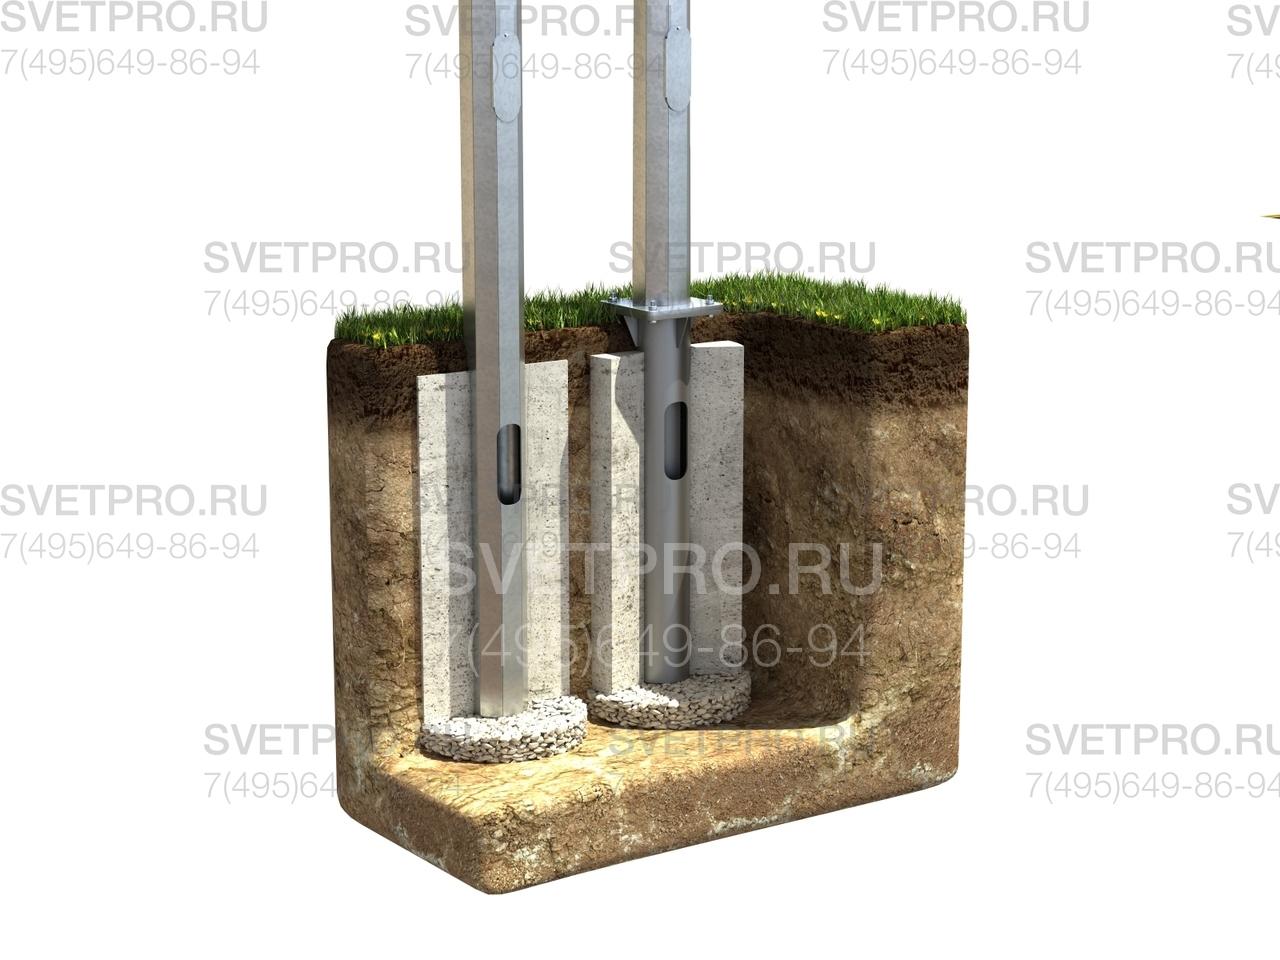 Линейка опор ОГК относится к категории несиловых опор. Поэтому провода к ним прокладываются под землей. Для ввода кабеля внутрь предусмотрены технологические лючки. После прокладки провода они заливаются бетоном для предотвращения коррозии и увеличения прочности.